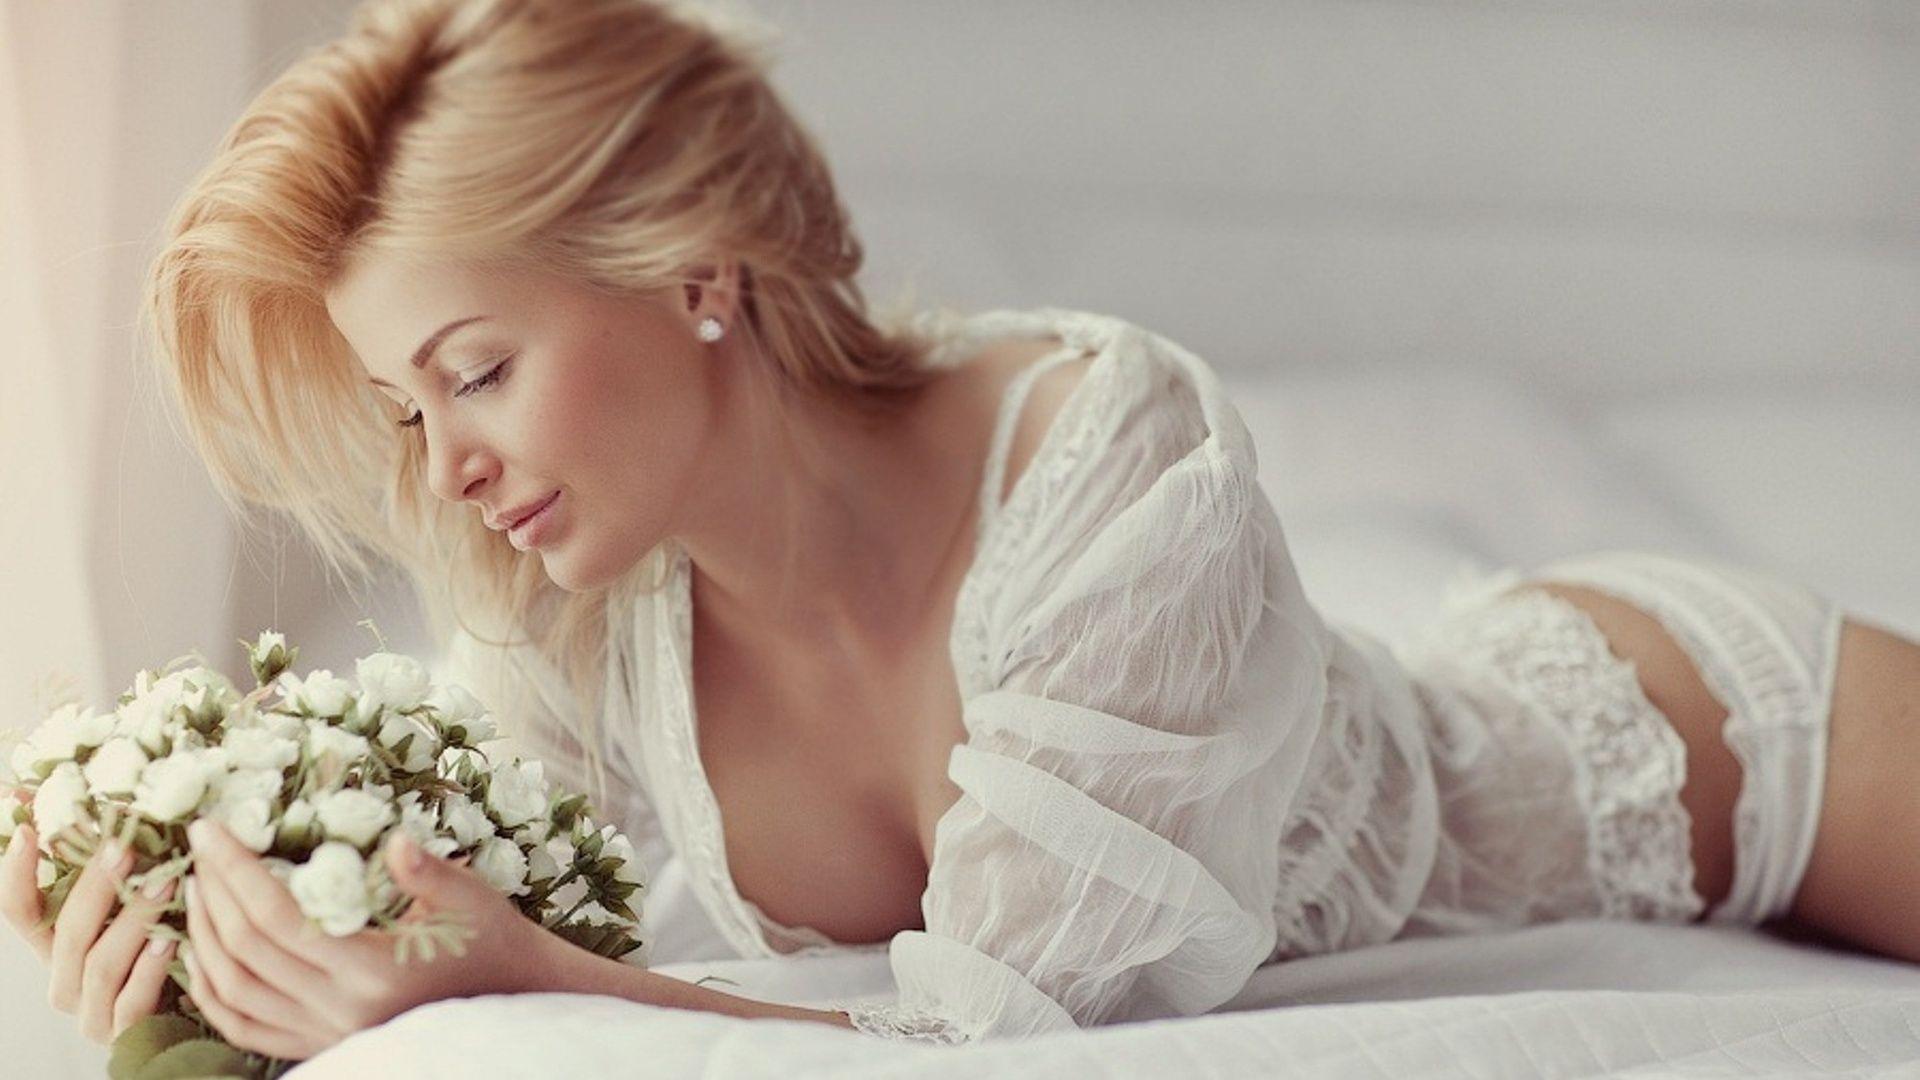 нежные образы для девушек на фотосессию в домашних условиях Обои девушка, нежность, блондинка в белом на рабочий с… | Невеста, Женщина, Платья с цветами для девочек